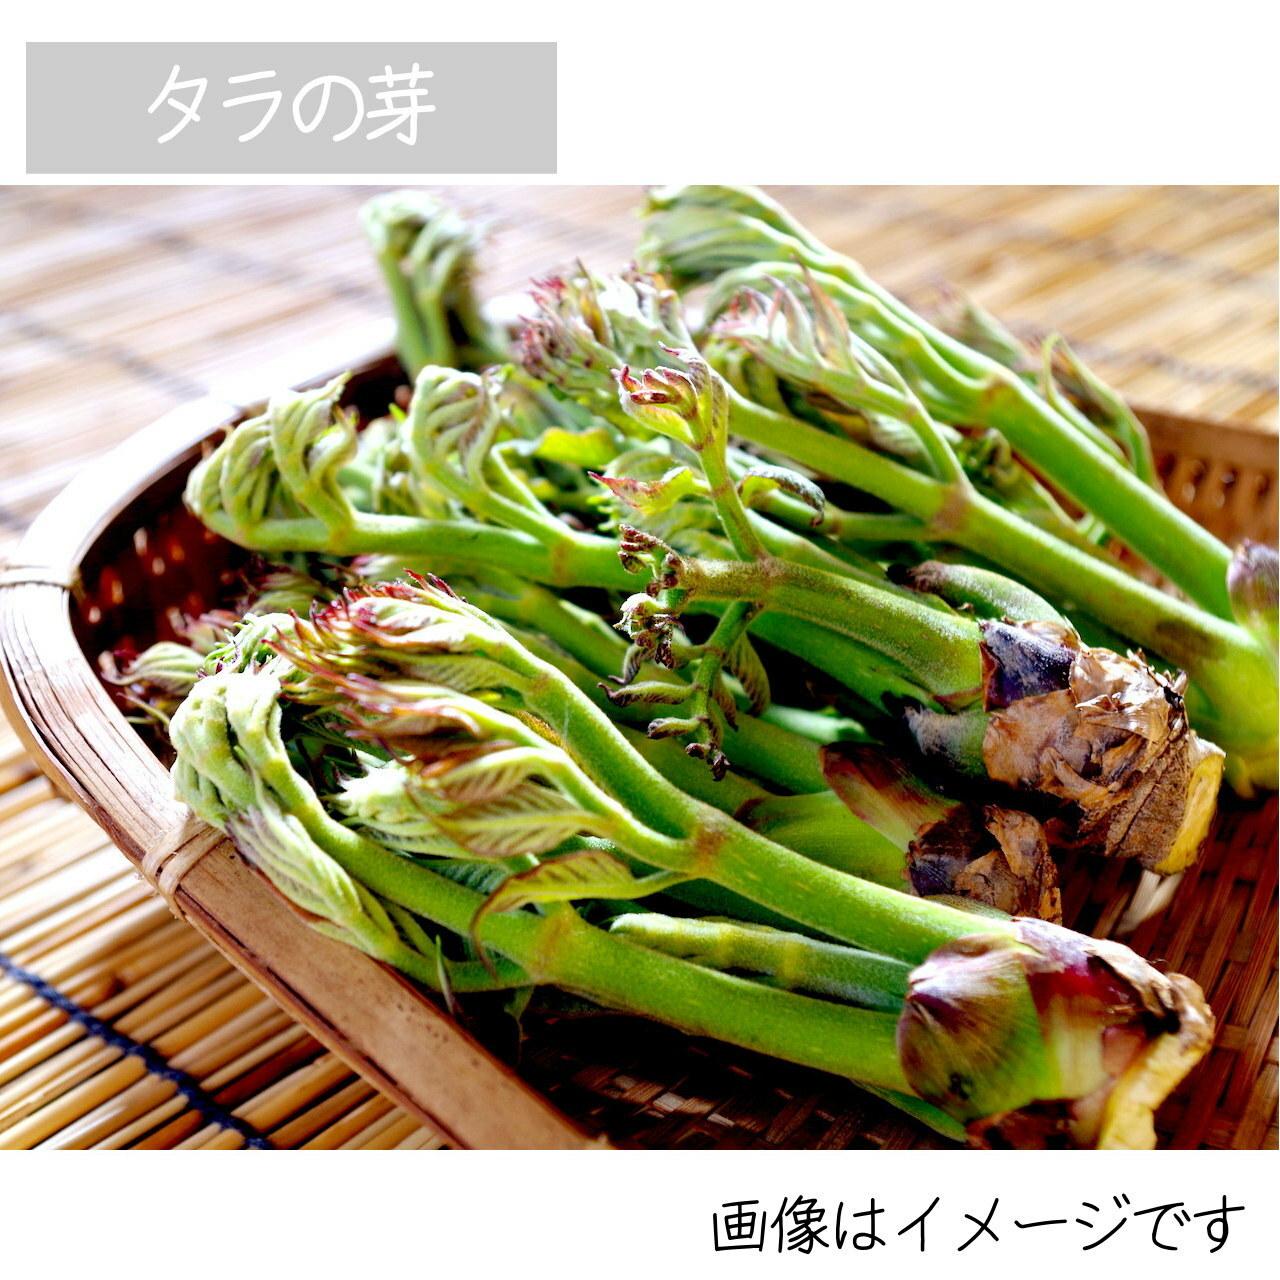 山菜 タラの芽 約50g 5月の朝採り直売野菜 5月9日発送予定